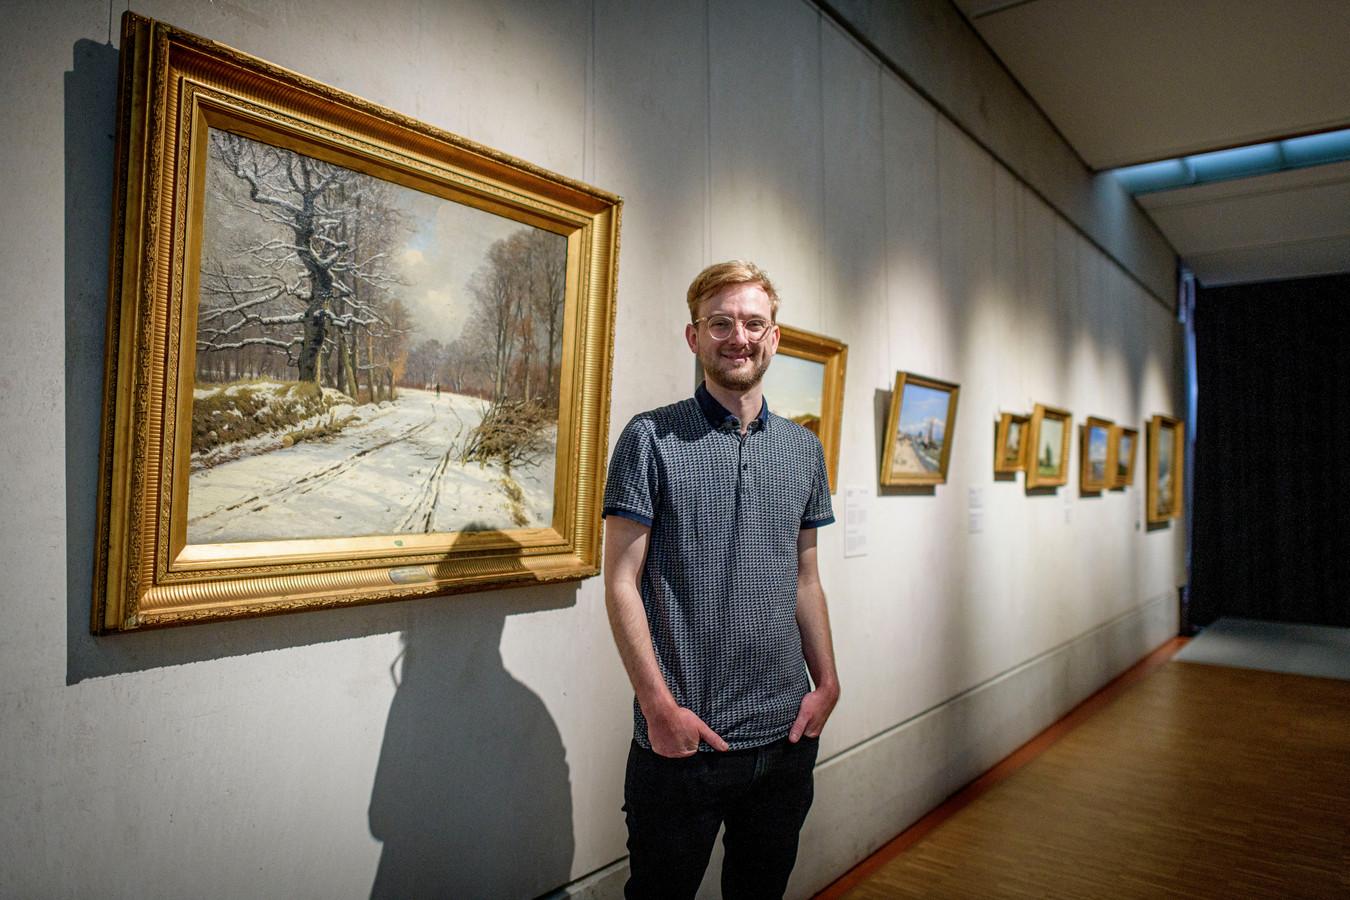 Grote expositie over de Deense Gouden Eeuw: conservator Thijs de Raedt tussen de schilderijen